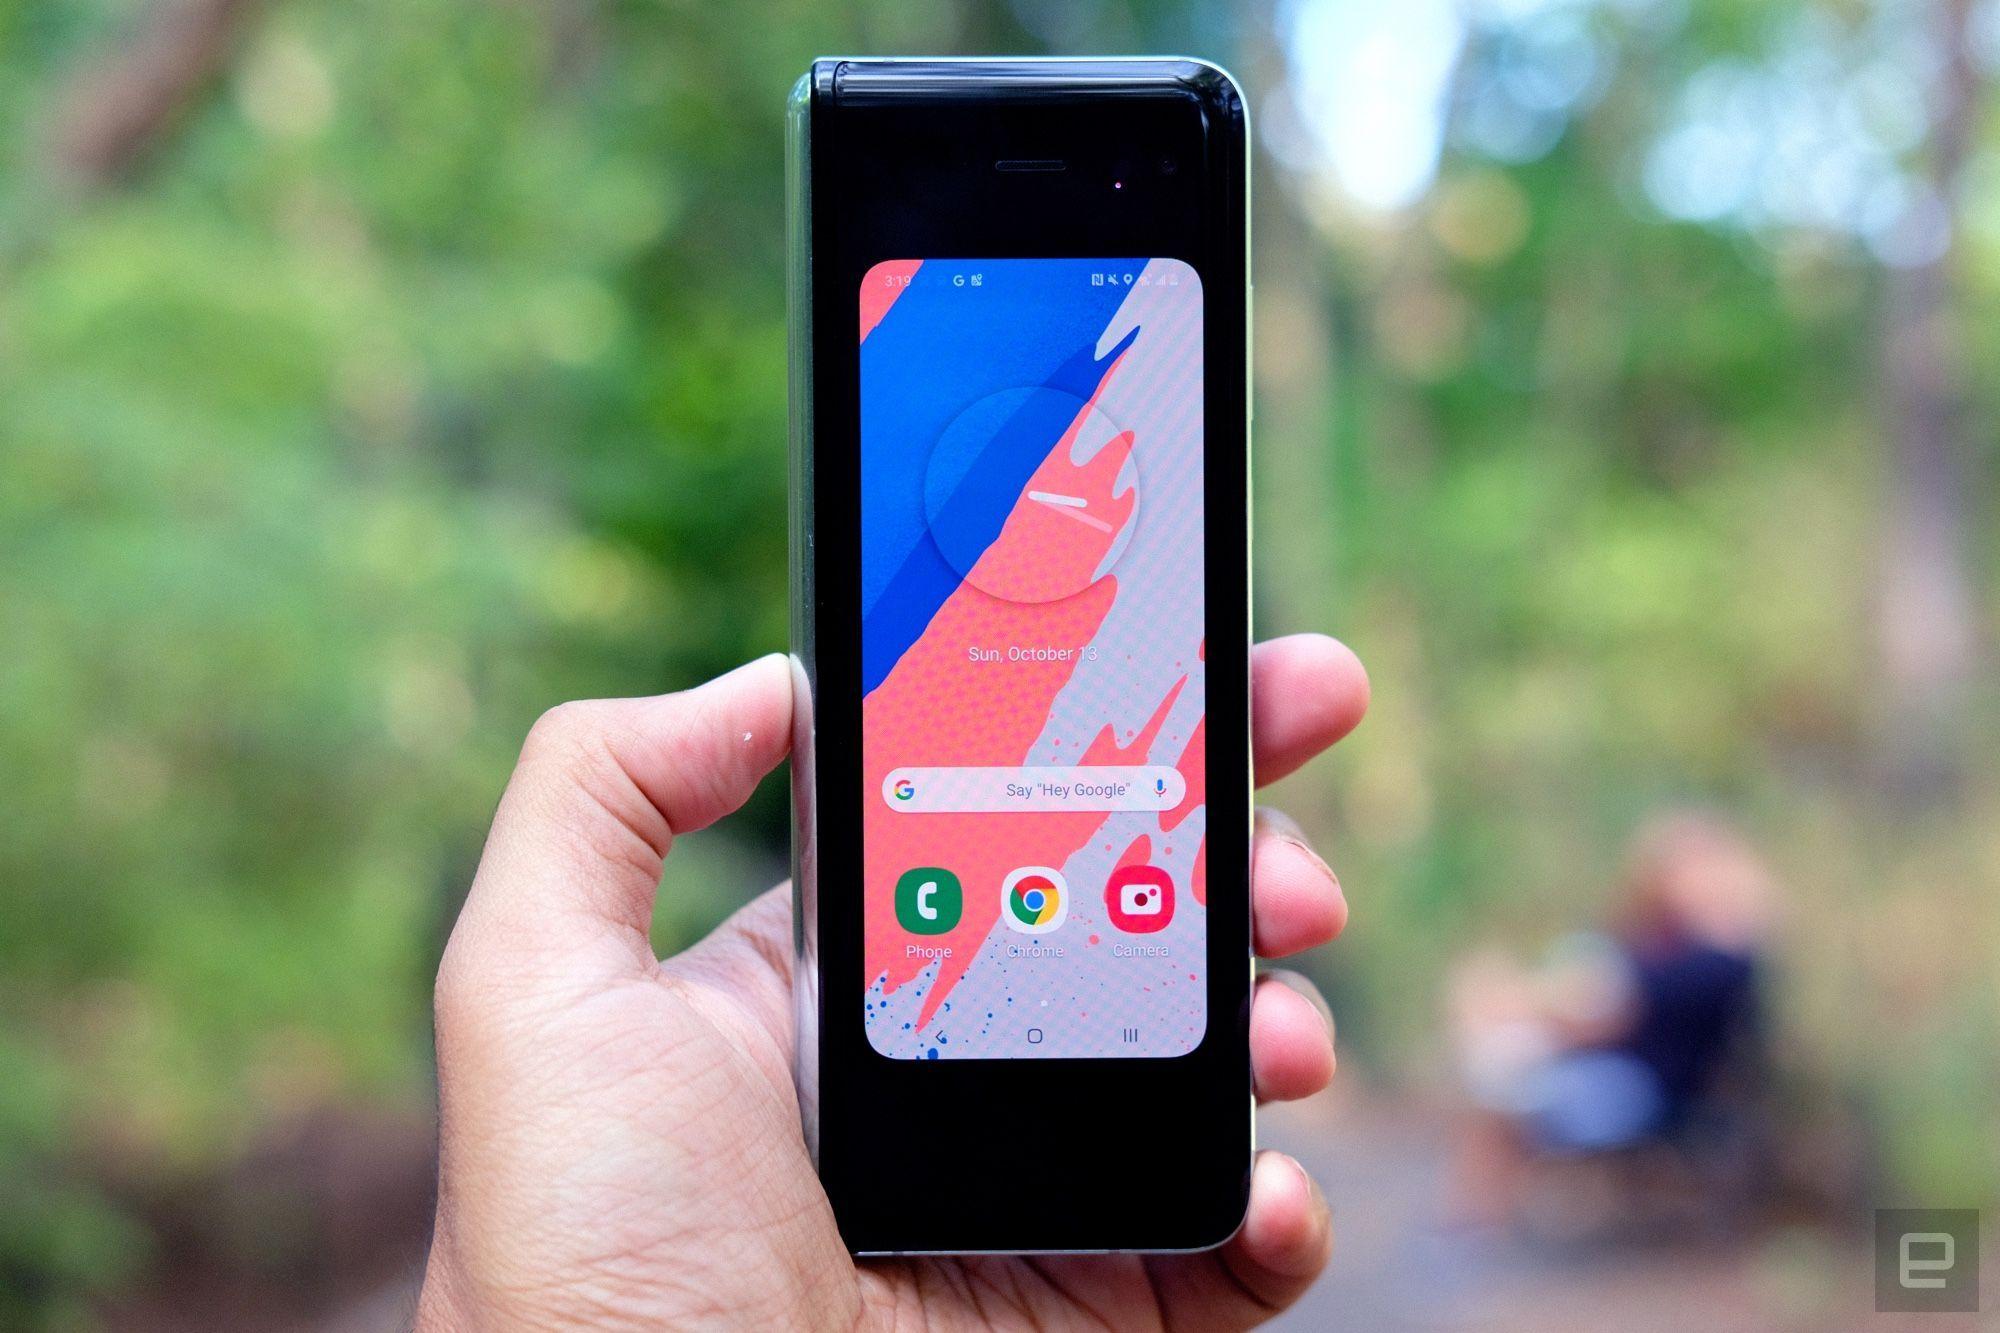 روکیدا   گوشی های گلکسی زد سامسونگ در سال 2021 چه تغییری خواهند کرد؟   سامسونگ